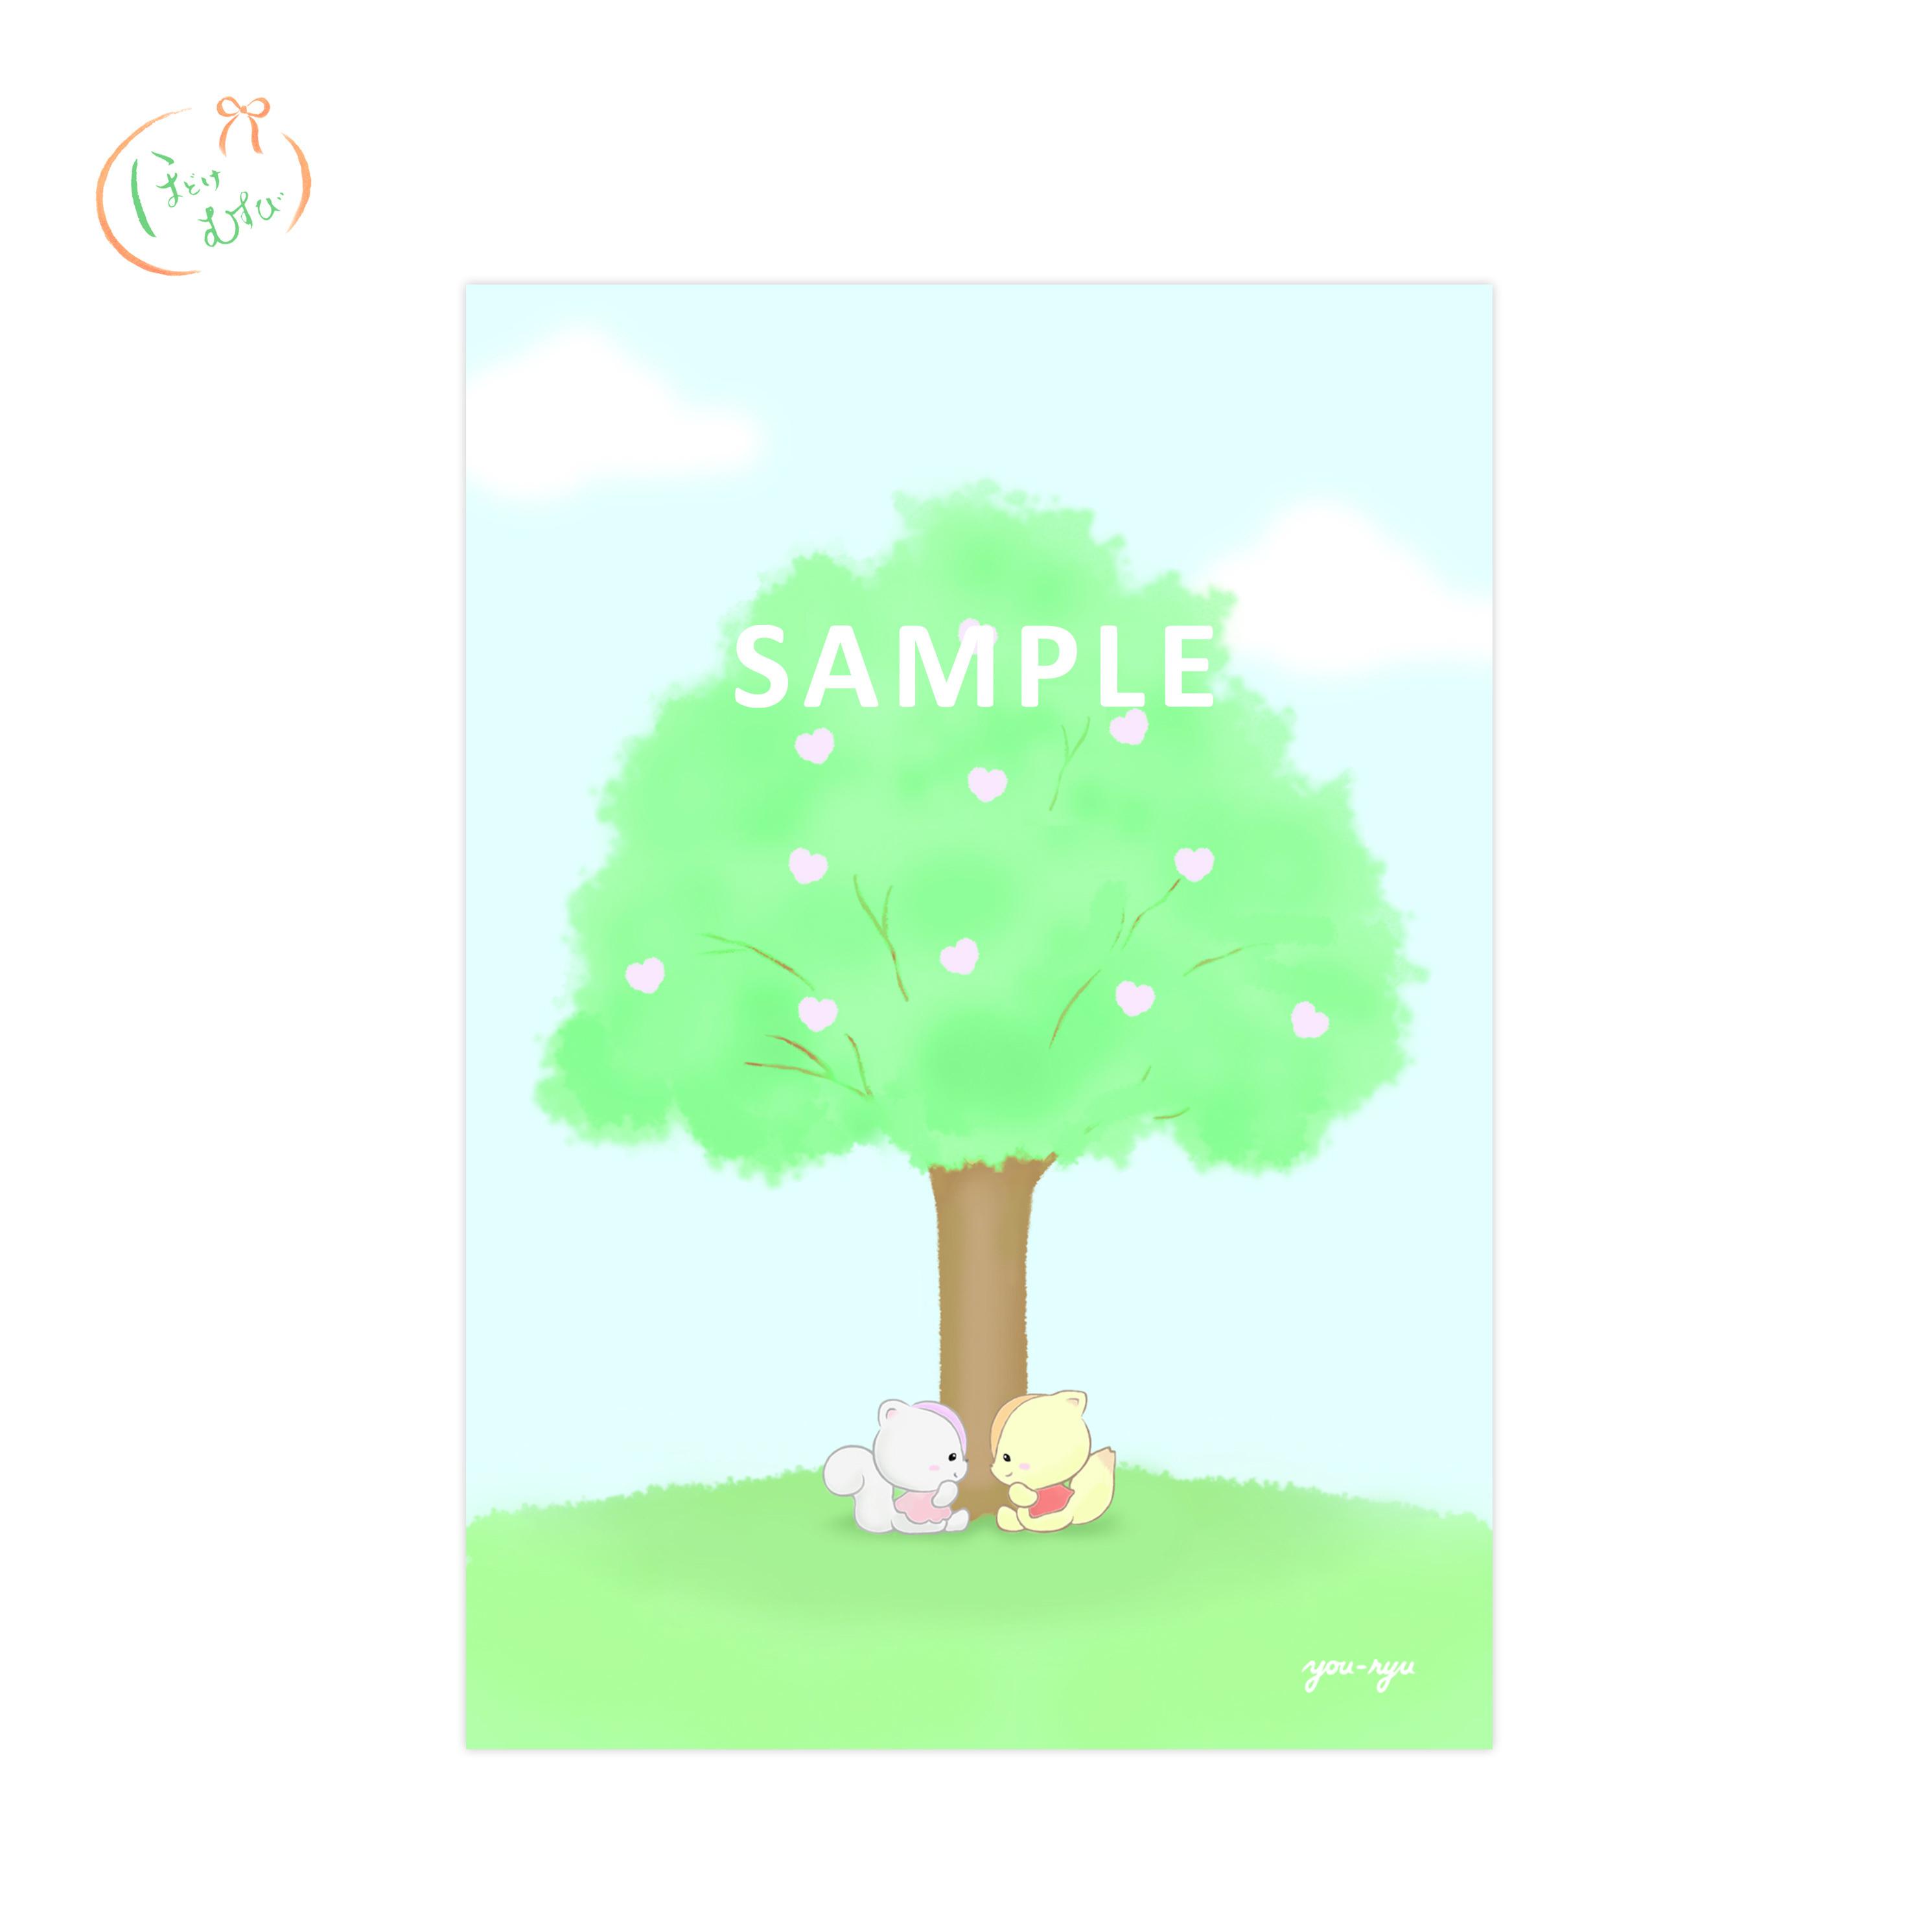 イラスト 想い出の樹 アートのおみせ ほどけむすび Hodokemusubi